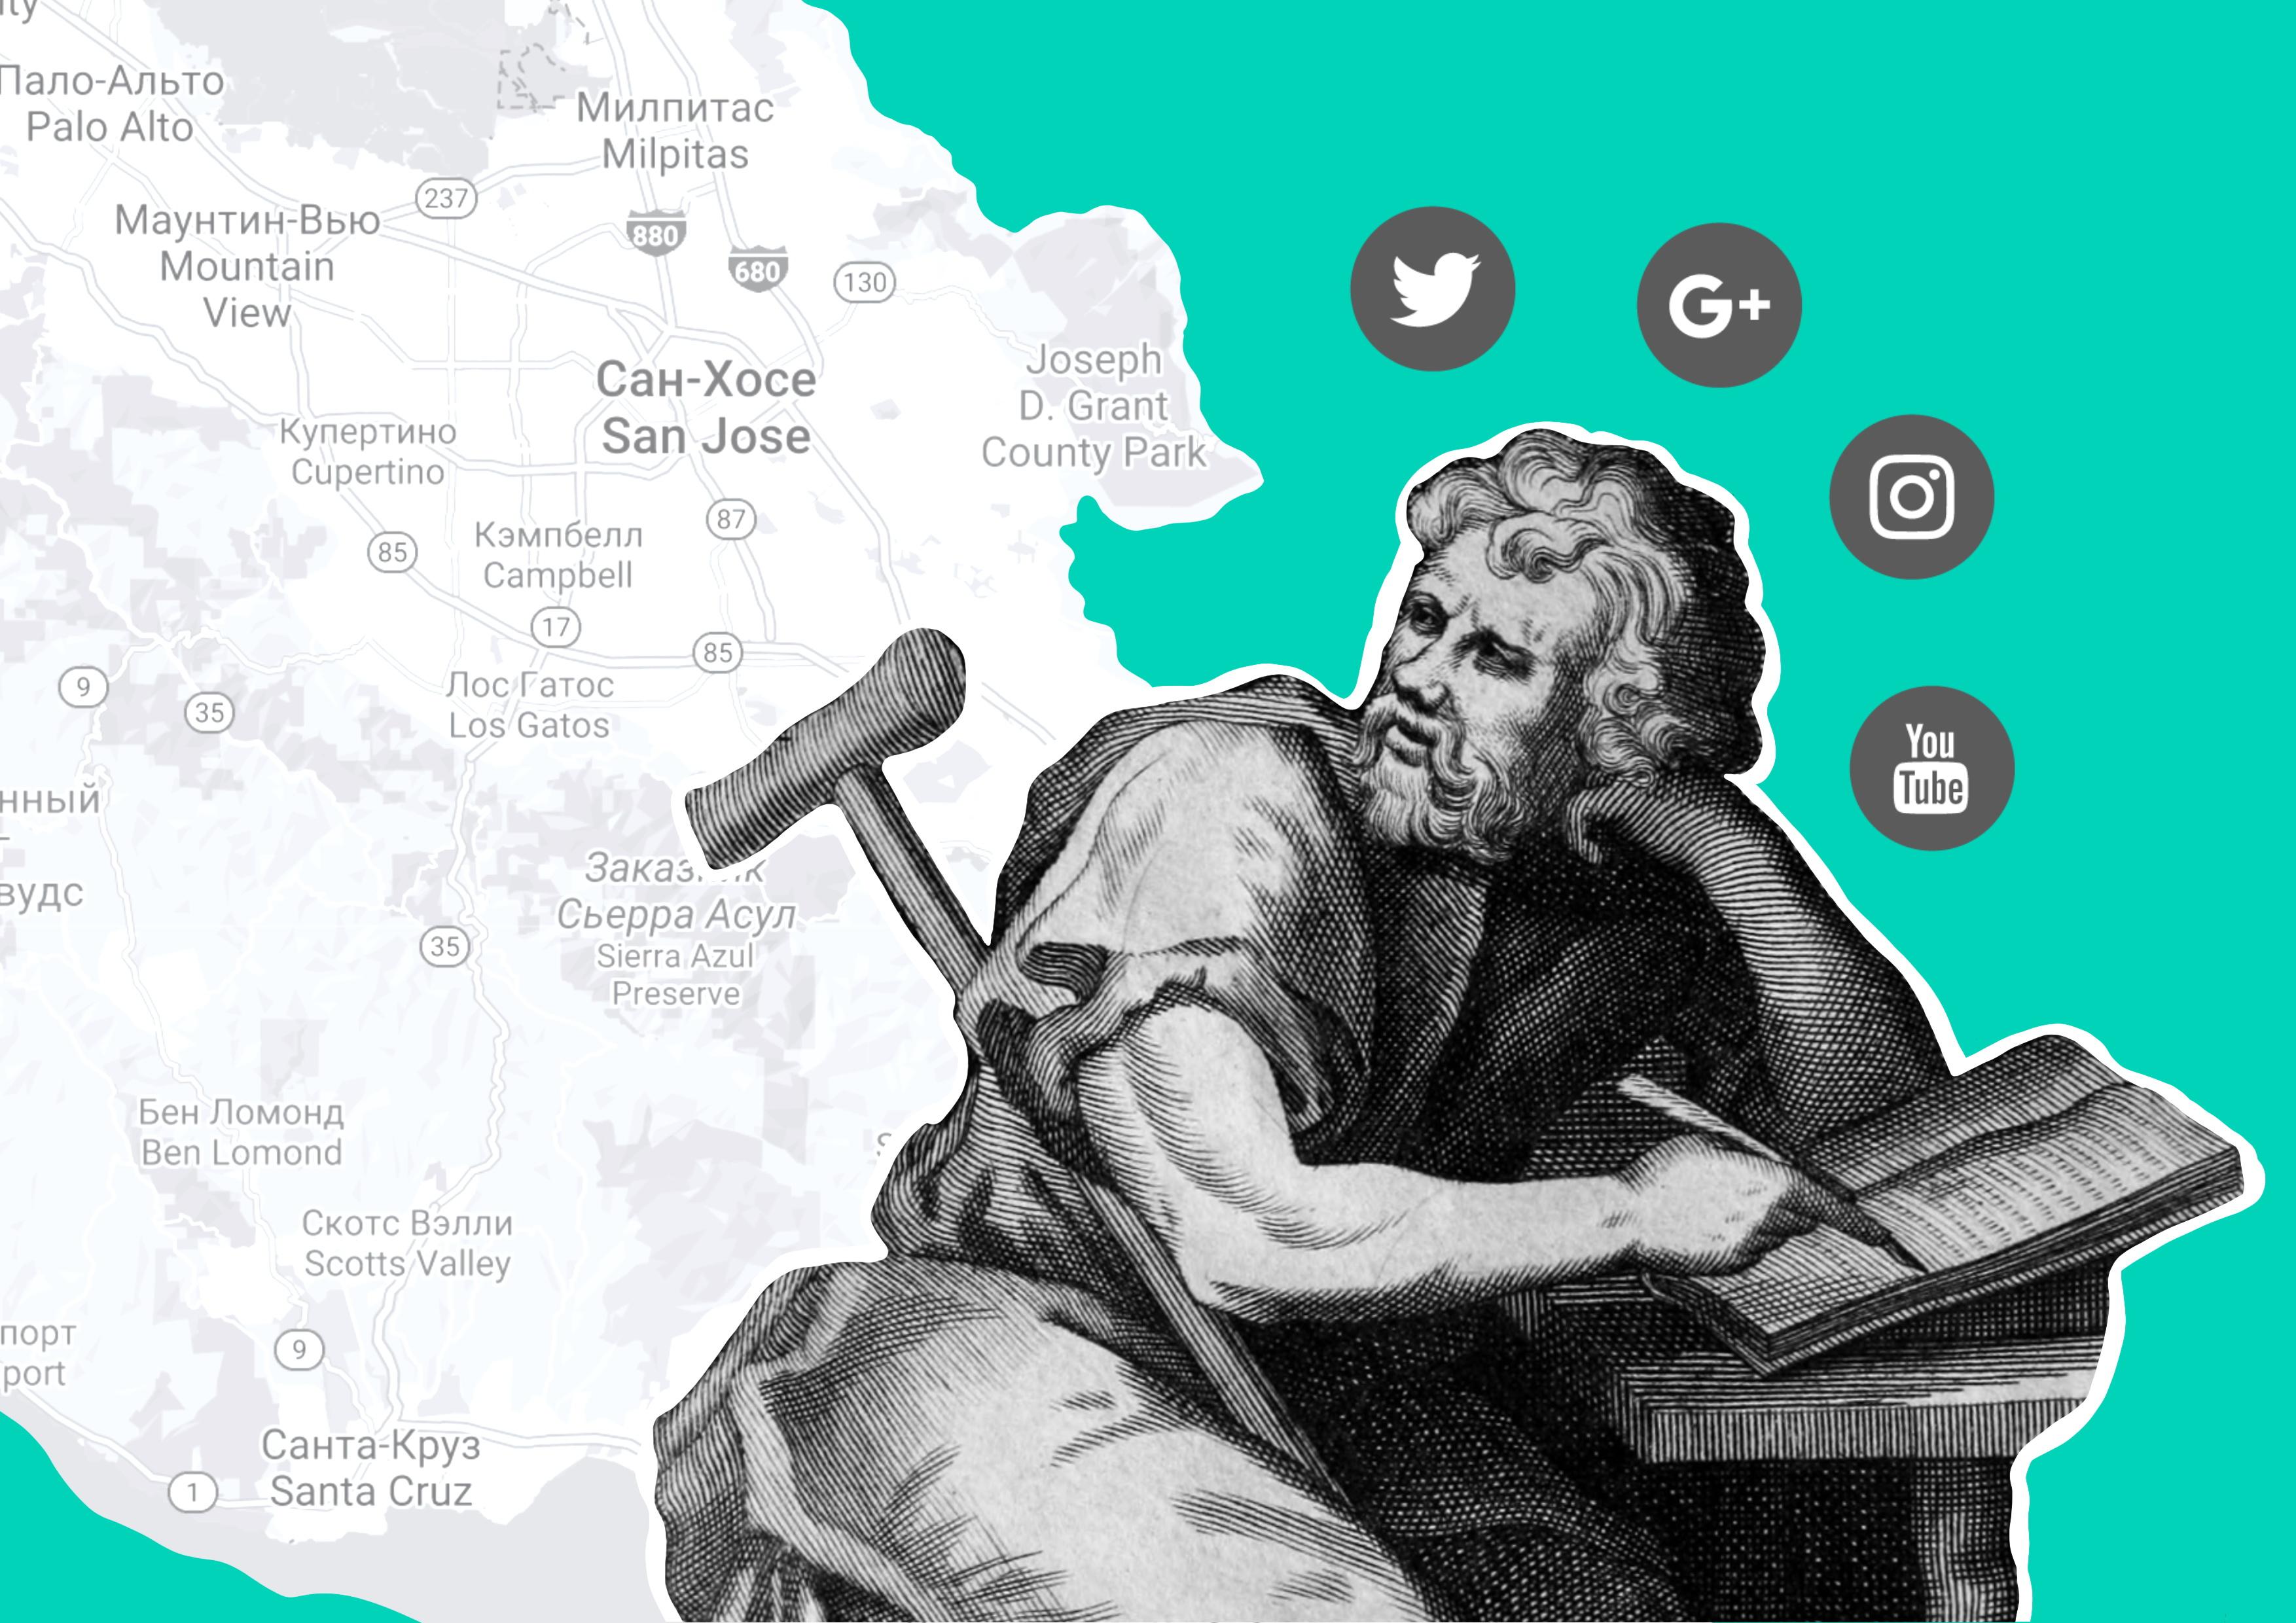 Из песочницы Стоицизм в IT почему древняя философия захватила Кремниевую долину?